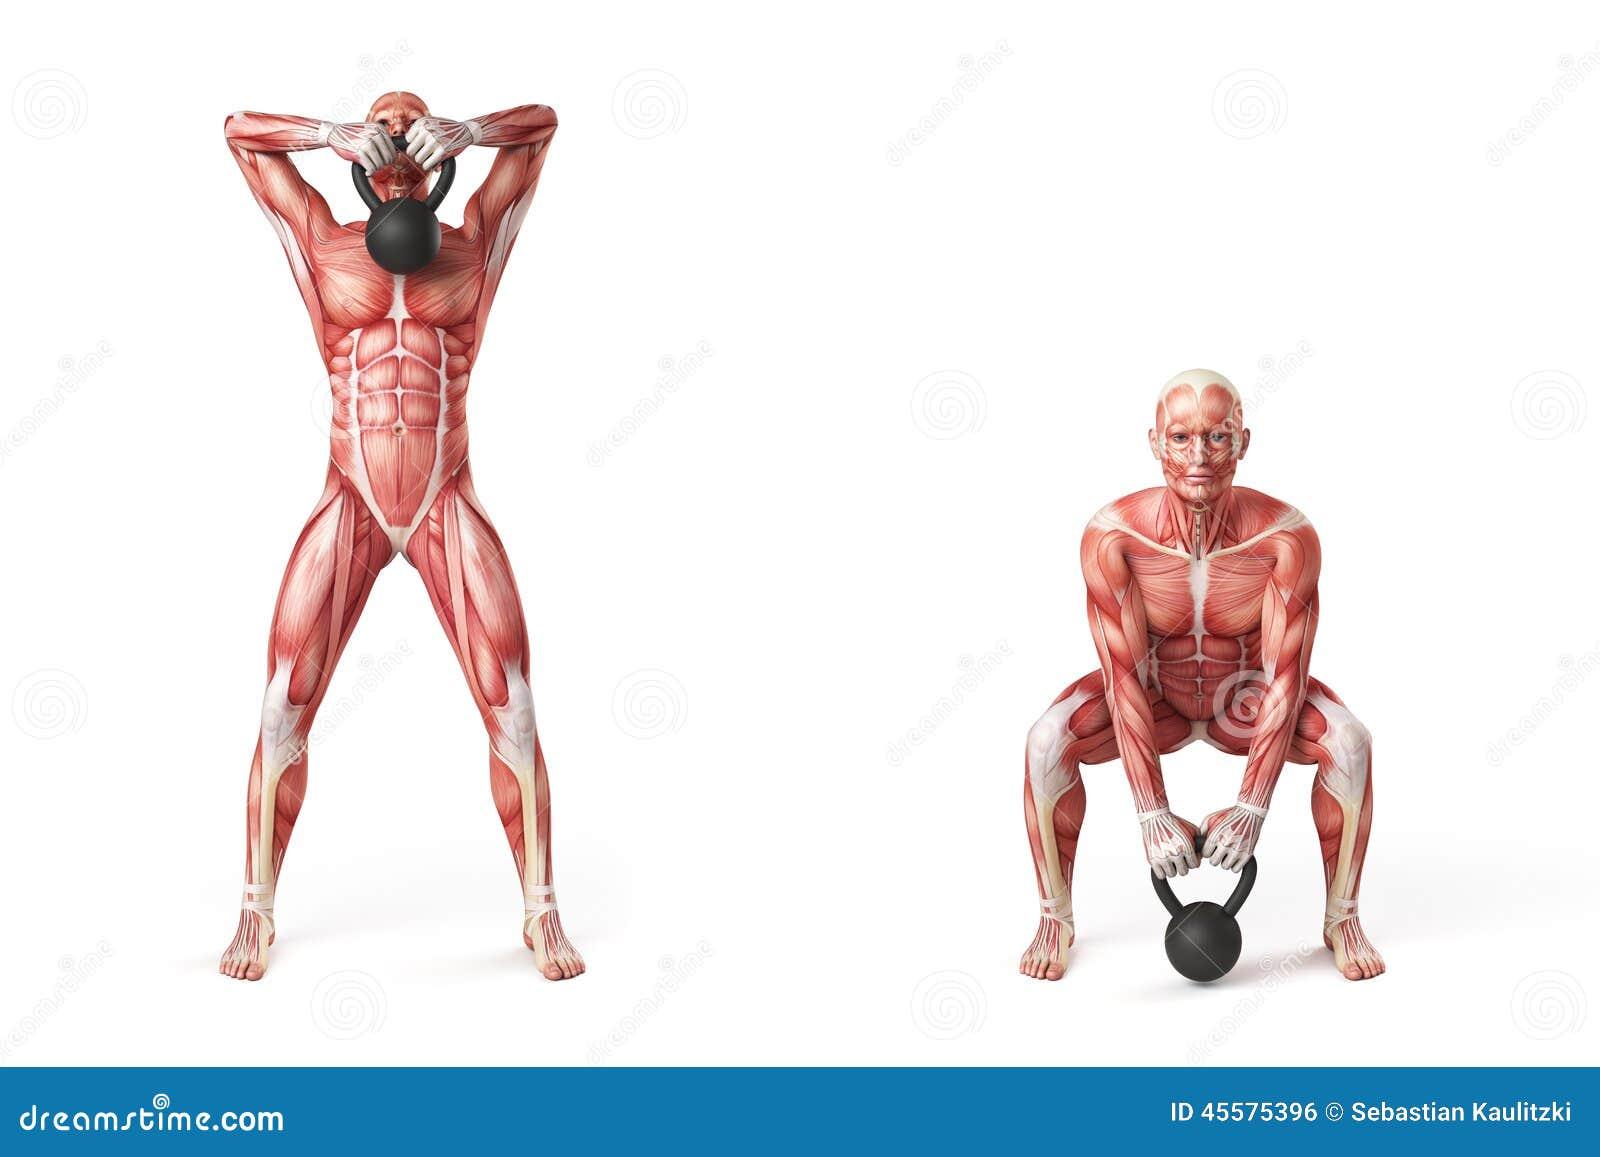 Kettlebell Exercise Stock Illustration Image 45575396